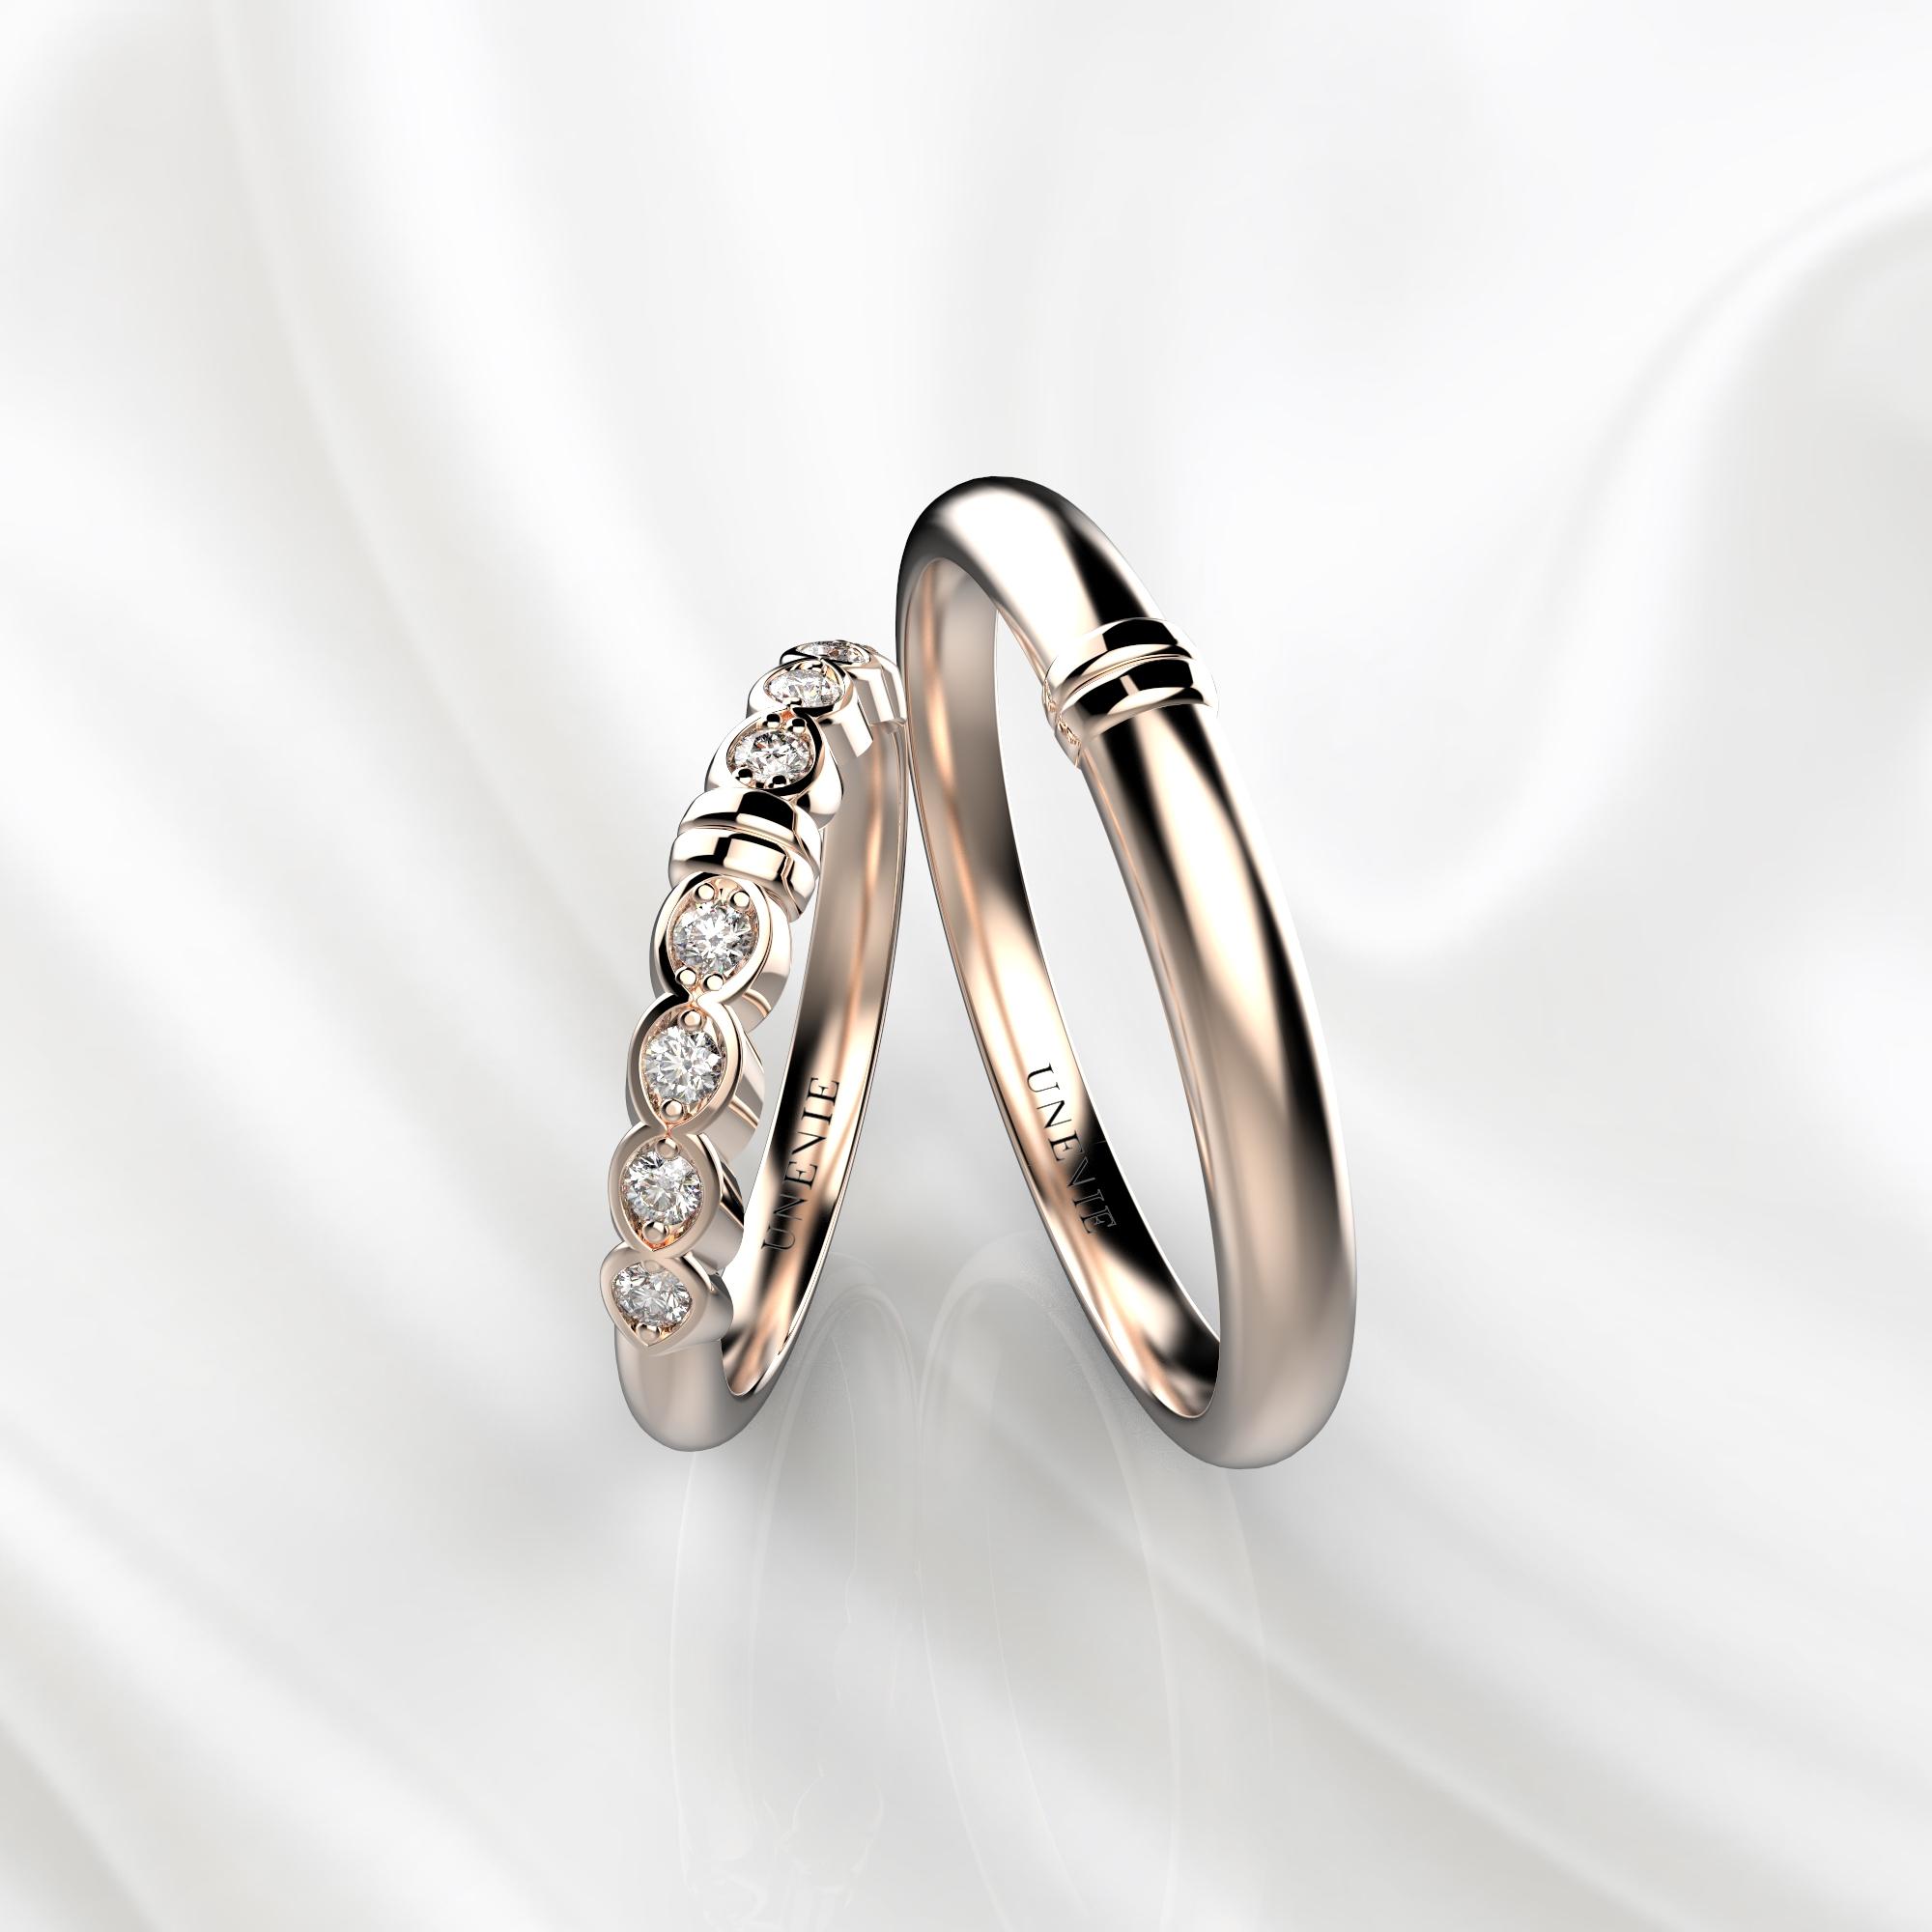 NV36 Обручальные кольца из розового золота с бриллиантами